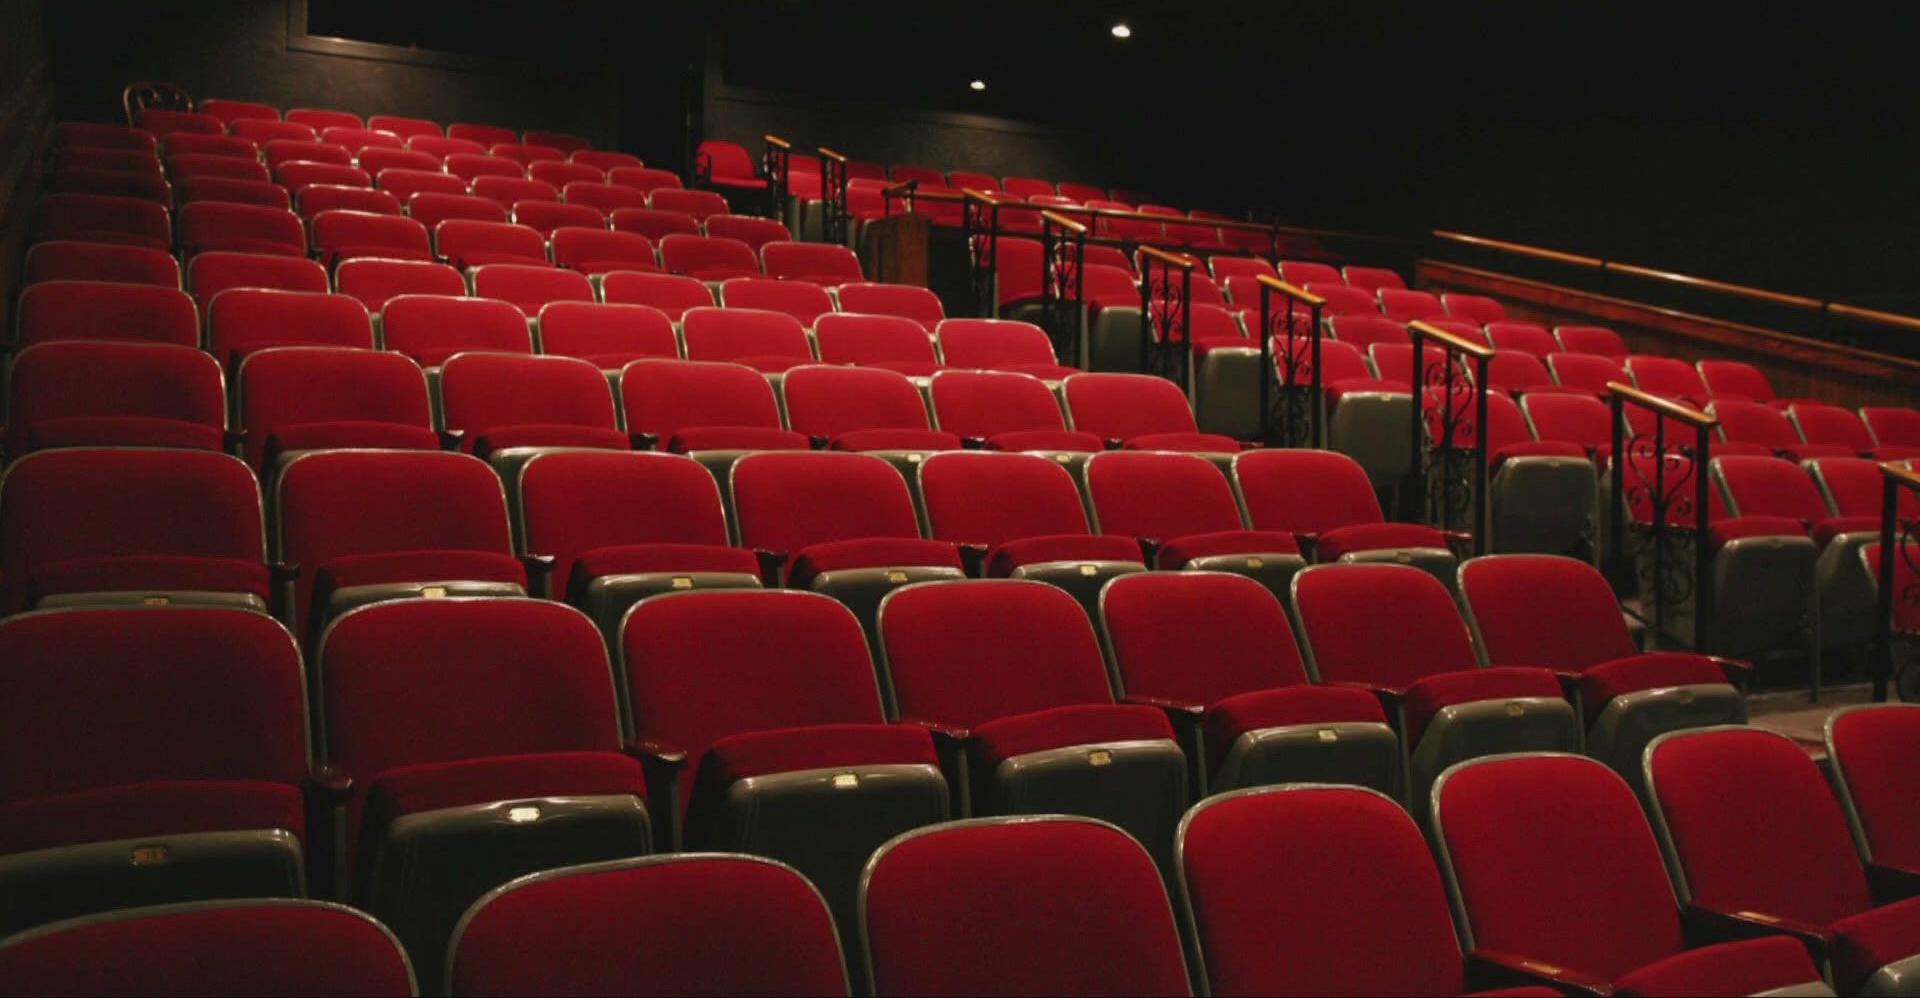 سالنهای سینما در اختیار اکران خانوادگی و اکران خصوصی